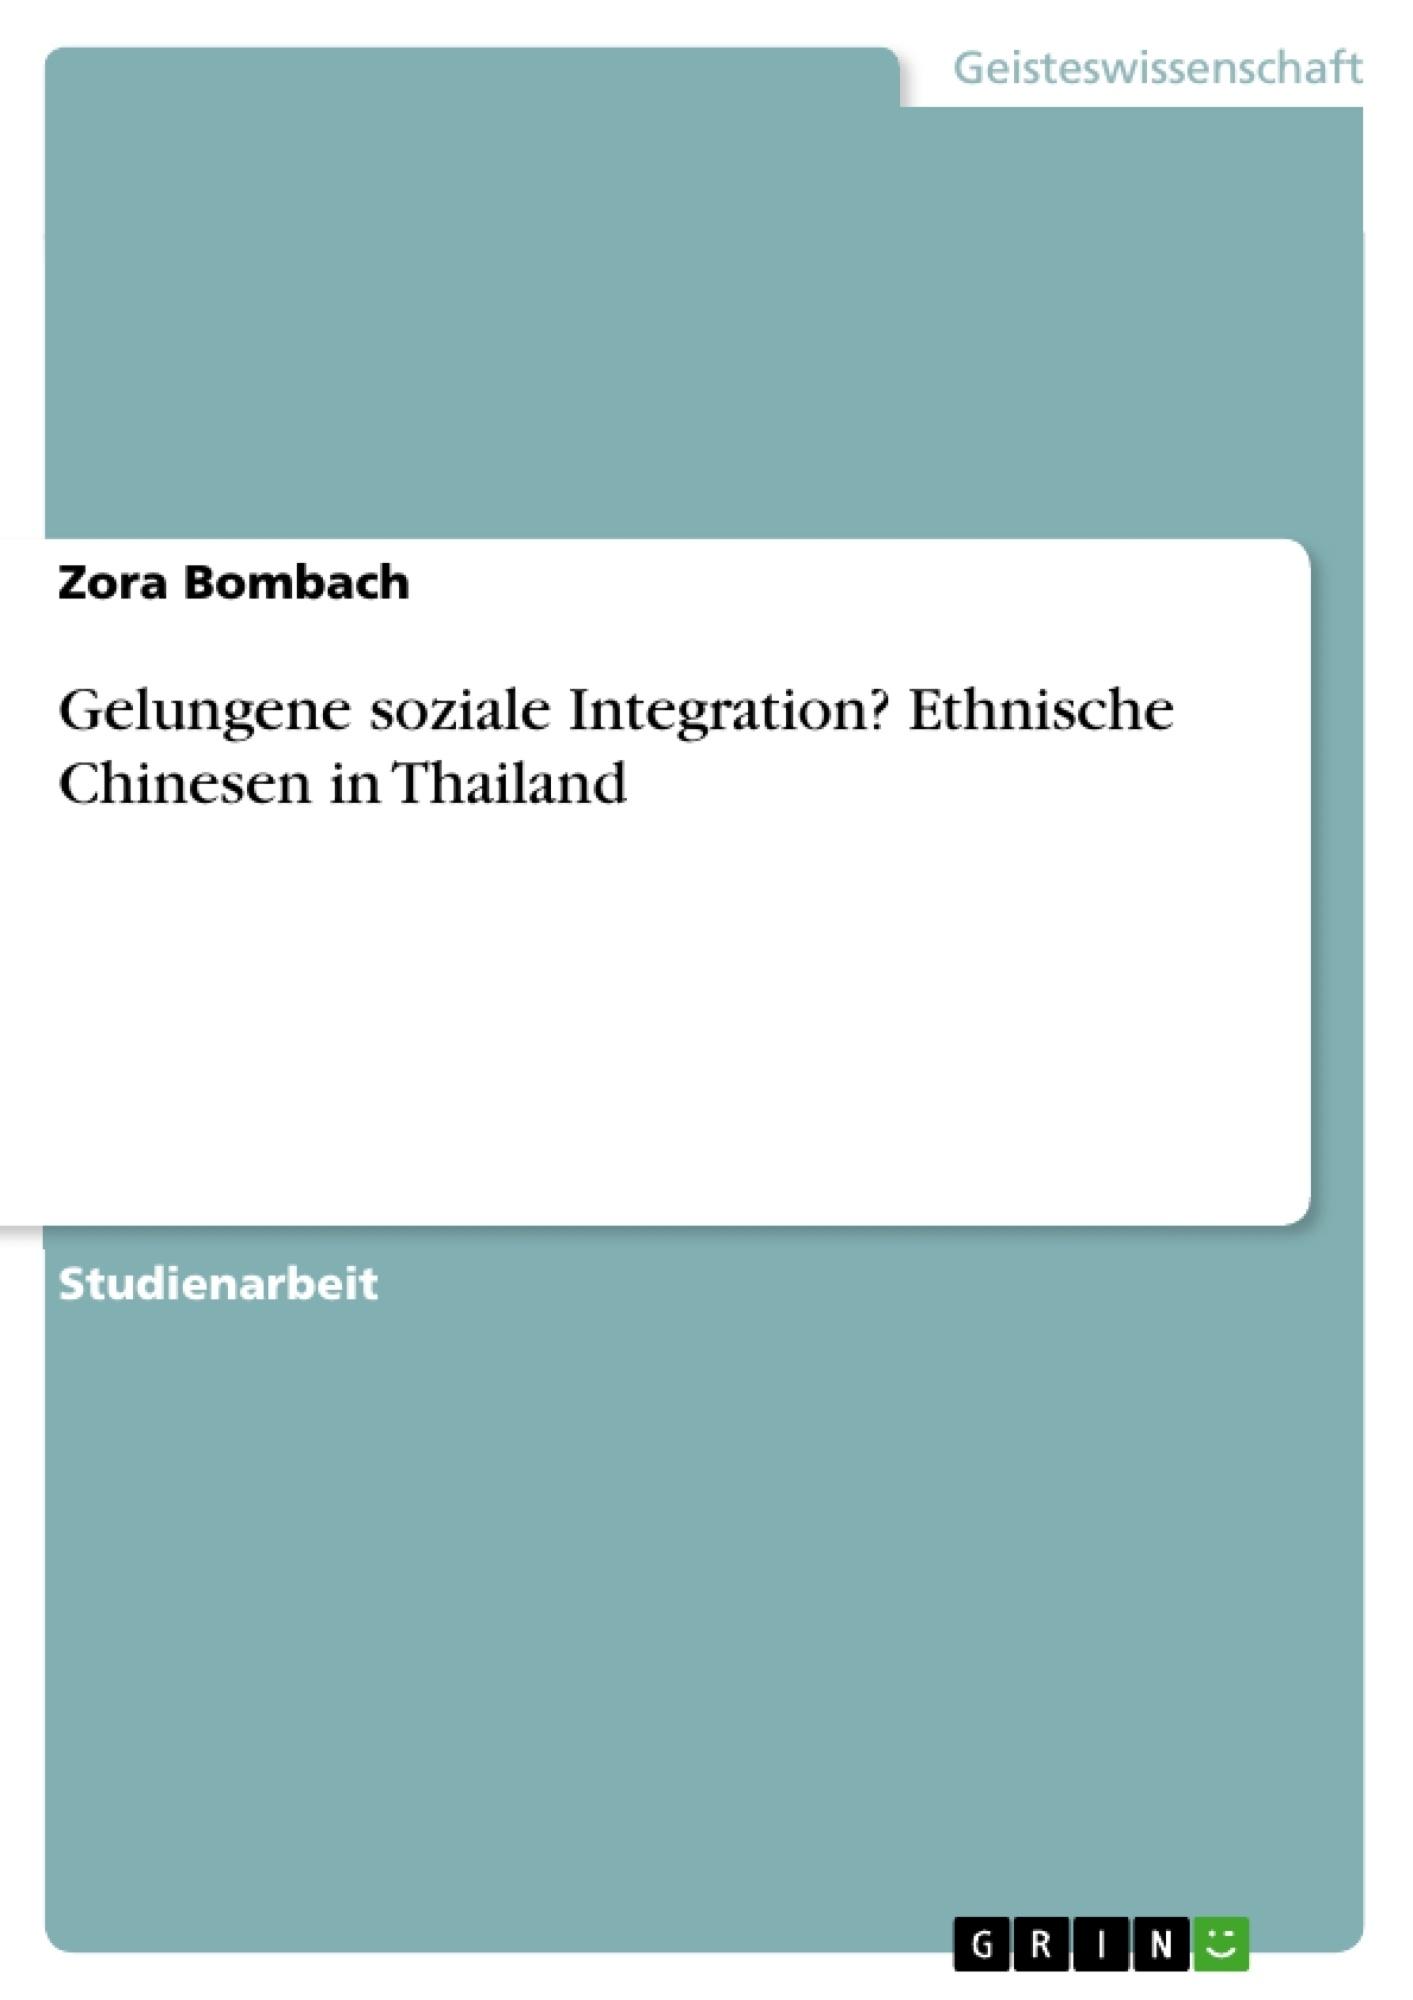 Titel: Gelungene soziale Integration? Ethnische Chinesen in Thailand